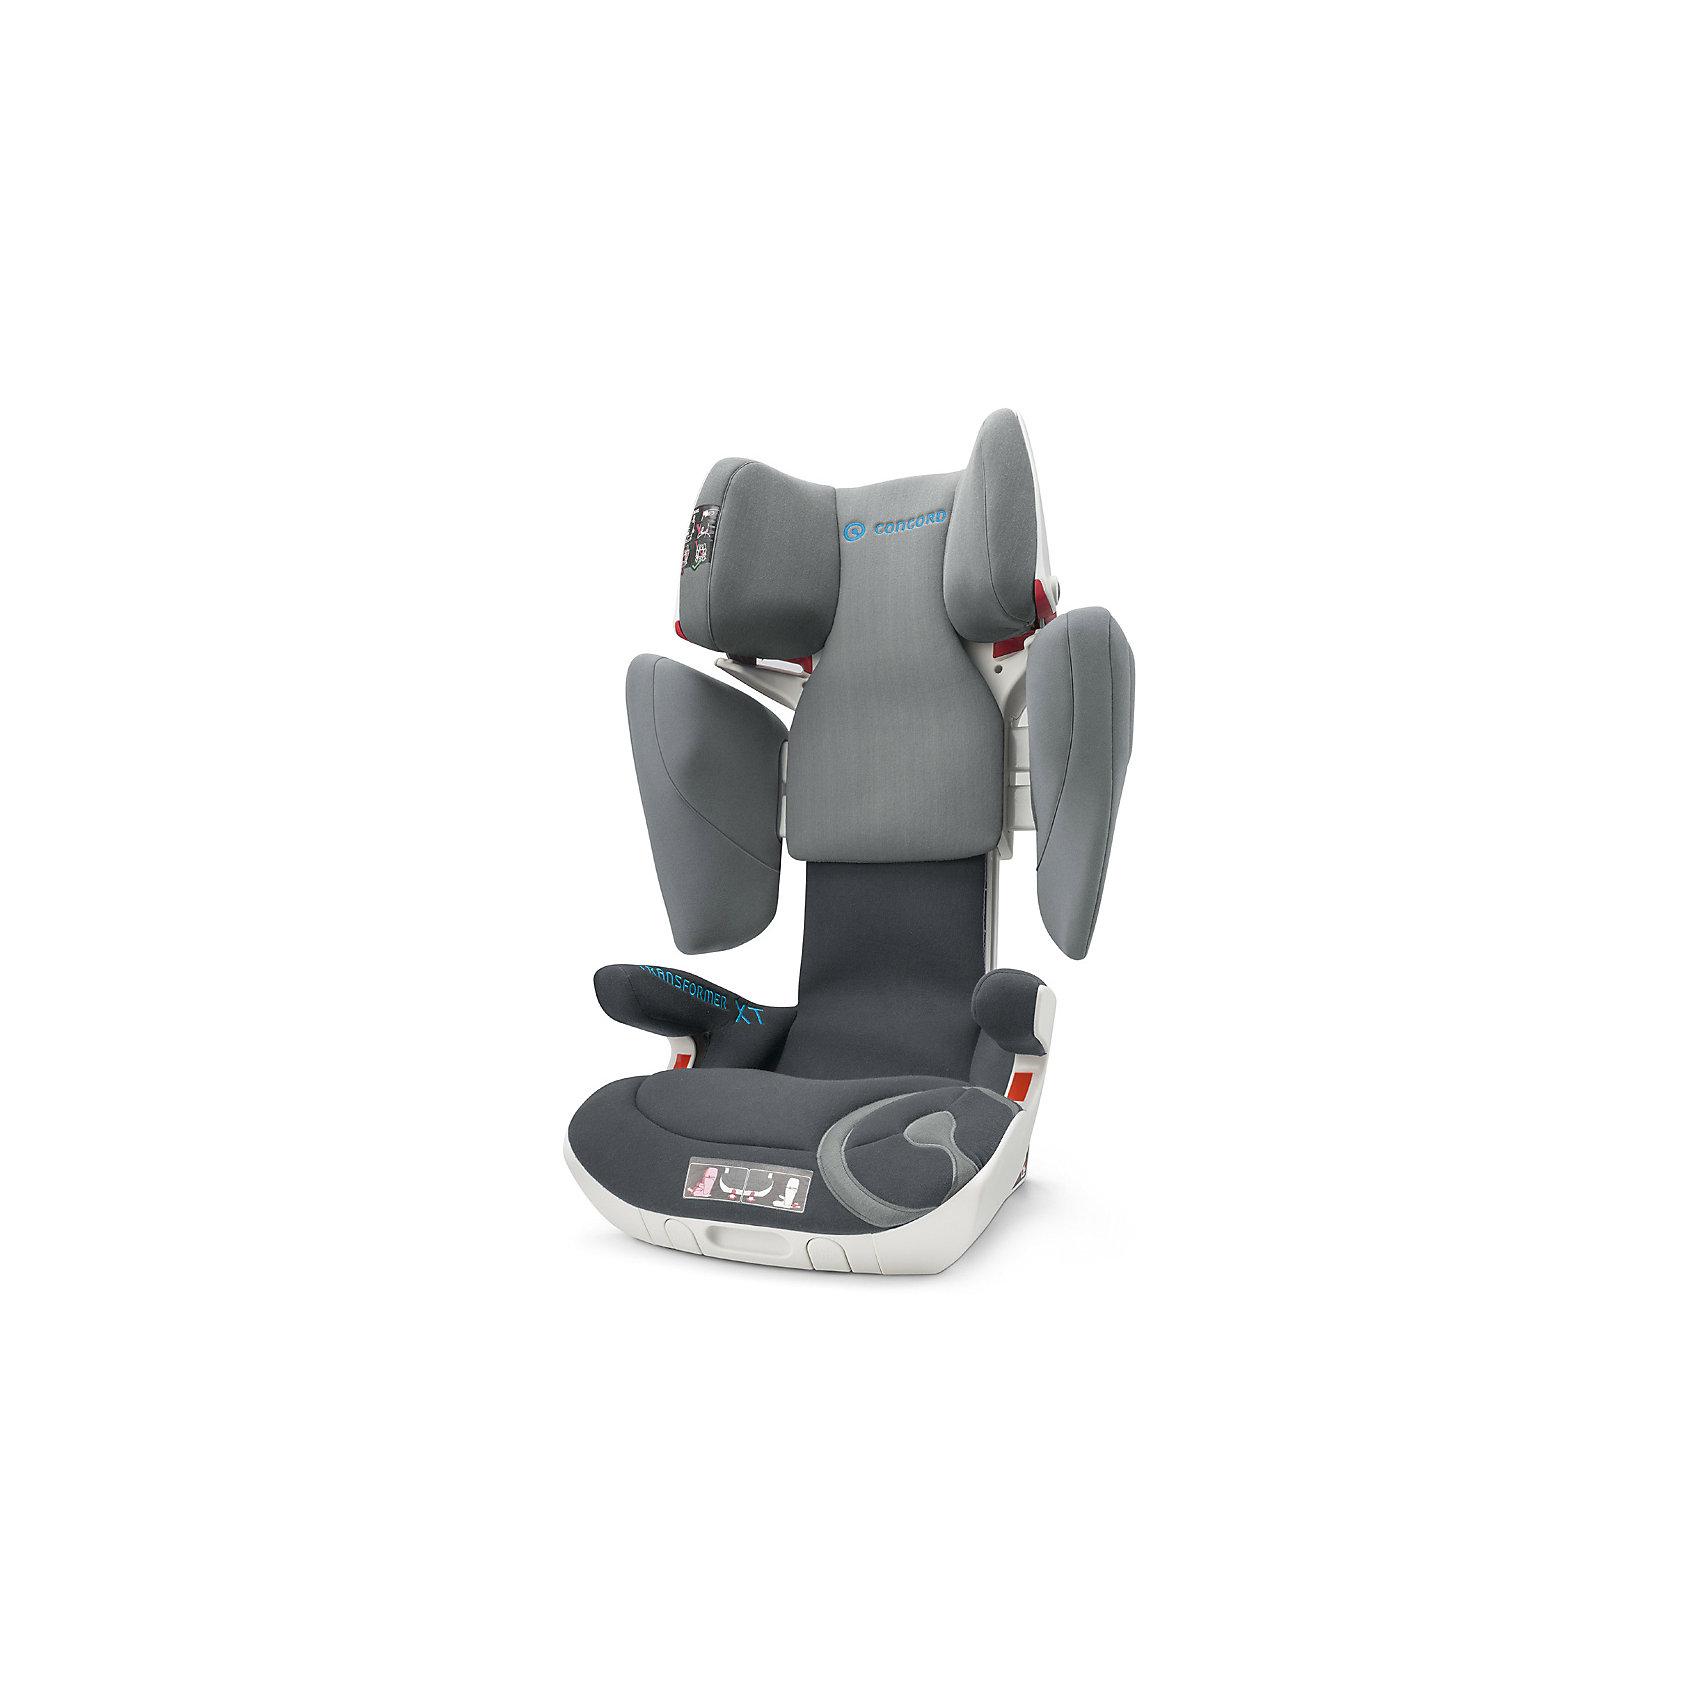 Автокресло Concord Transformer XT, 15-36 кг, Stone GreyГруппа 2-3 (От 15 до 36 кг)<br>Характеристики автокресла:<br><br>• группа 2-3;<br>• возраст ребенка: от 3 до 12 лет;<br>• вес ребенка: 15-36 кг;<br>• способ установки: по ходу движения автомобиля;<br>• 2 способа крепления: система TWINFIX или штатные ремни безопасности;<br>• компактный ударопрочный каркас;<br>• защита от боковых ударов;<br>• регулировка наклона спинки;<br>• регулировка подголовника;<br>• регулировка размера кресла;<br>• ортопедические свойства спинки и основания;<br>• встроенный пневмопривод;<br>• размер автокресла: 46х49х62 см;<br>• высота подголовника: 62-82 см;<br>• вес автокресла: 9,9 кг;<br>• вес в упаковке: 11 кг;<br>• материал: пластик, полиэстер;<br>• стандарт безопасности: ECE R44/04.<br><br>Автокресло Concord Transformer XT имеет прочный каркас, который надежно защищает ребенка во время поездки. Боковые подушки имеют дополнительный слой энергопоглощающей изоляции, которая понижает силу удара. Автокресло с ортопедической спинкой, которая способствует правильному формированию позвоночника. Наполнитель автокресла Трансформер ИксТи обладает эффектом памяти, который со временем принимает форму тела ребенка.<br><br>Установка автокресла: устанавливается по ходу движения с помощью системы isofix. Ребенок в автокресле фиксируется штатным ремнем автомобиля. При отсутствии крепления isofix можно установить автокресло при помощи штатных ремней безопасности. Направляющие с защелками для ремня в подголовнике исключают его самопроизвольное выпадение.<br><br>Автокресло Transformer XT, 15-36 кг, Concord, Stone Grey можно купить в нашем интернет-магазине.<br><br>Ширина мм: 450<br>Глубина мм: 450<br>Высота мм: 640<br>Вес г: 11000<br>Цвет: серый<br>Возраст от месяцев: 36<br>Возраст до месяцев: 144<br>Пол: Унисекс<br>Возраст: Детский<br>SKU: 5485174